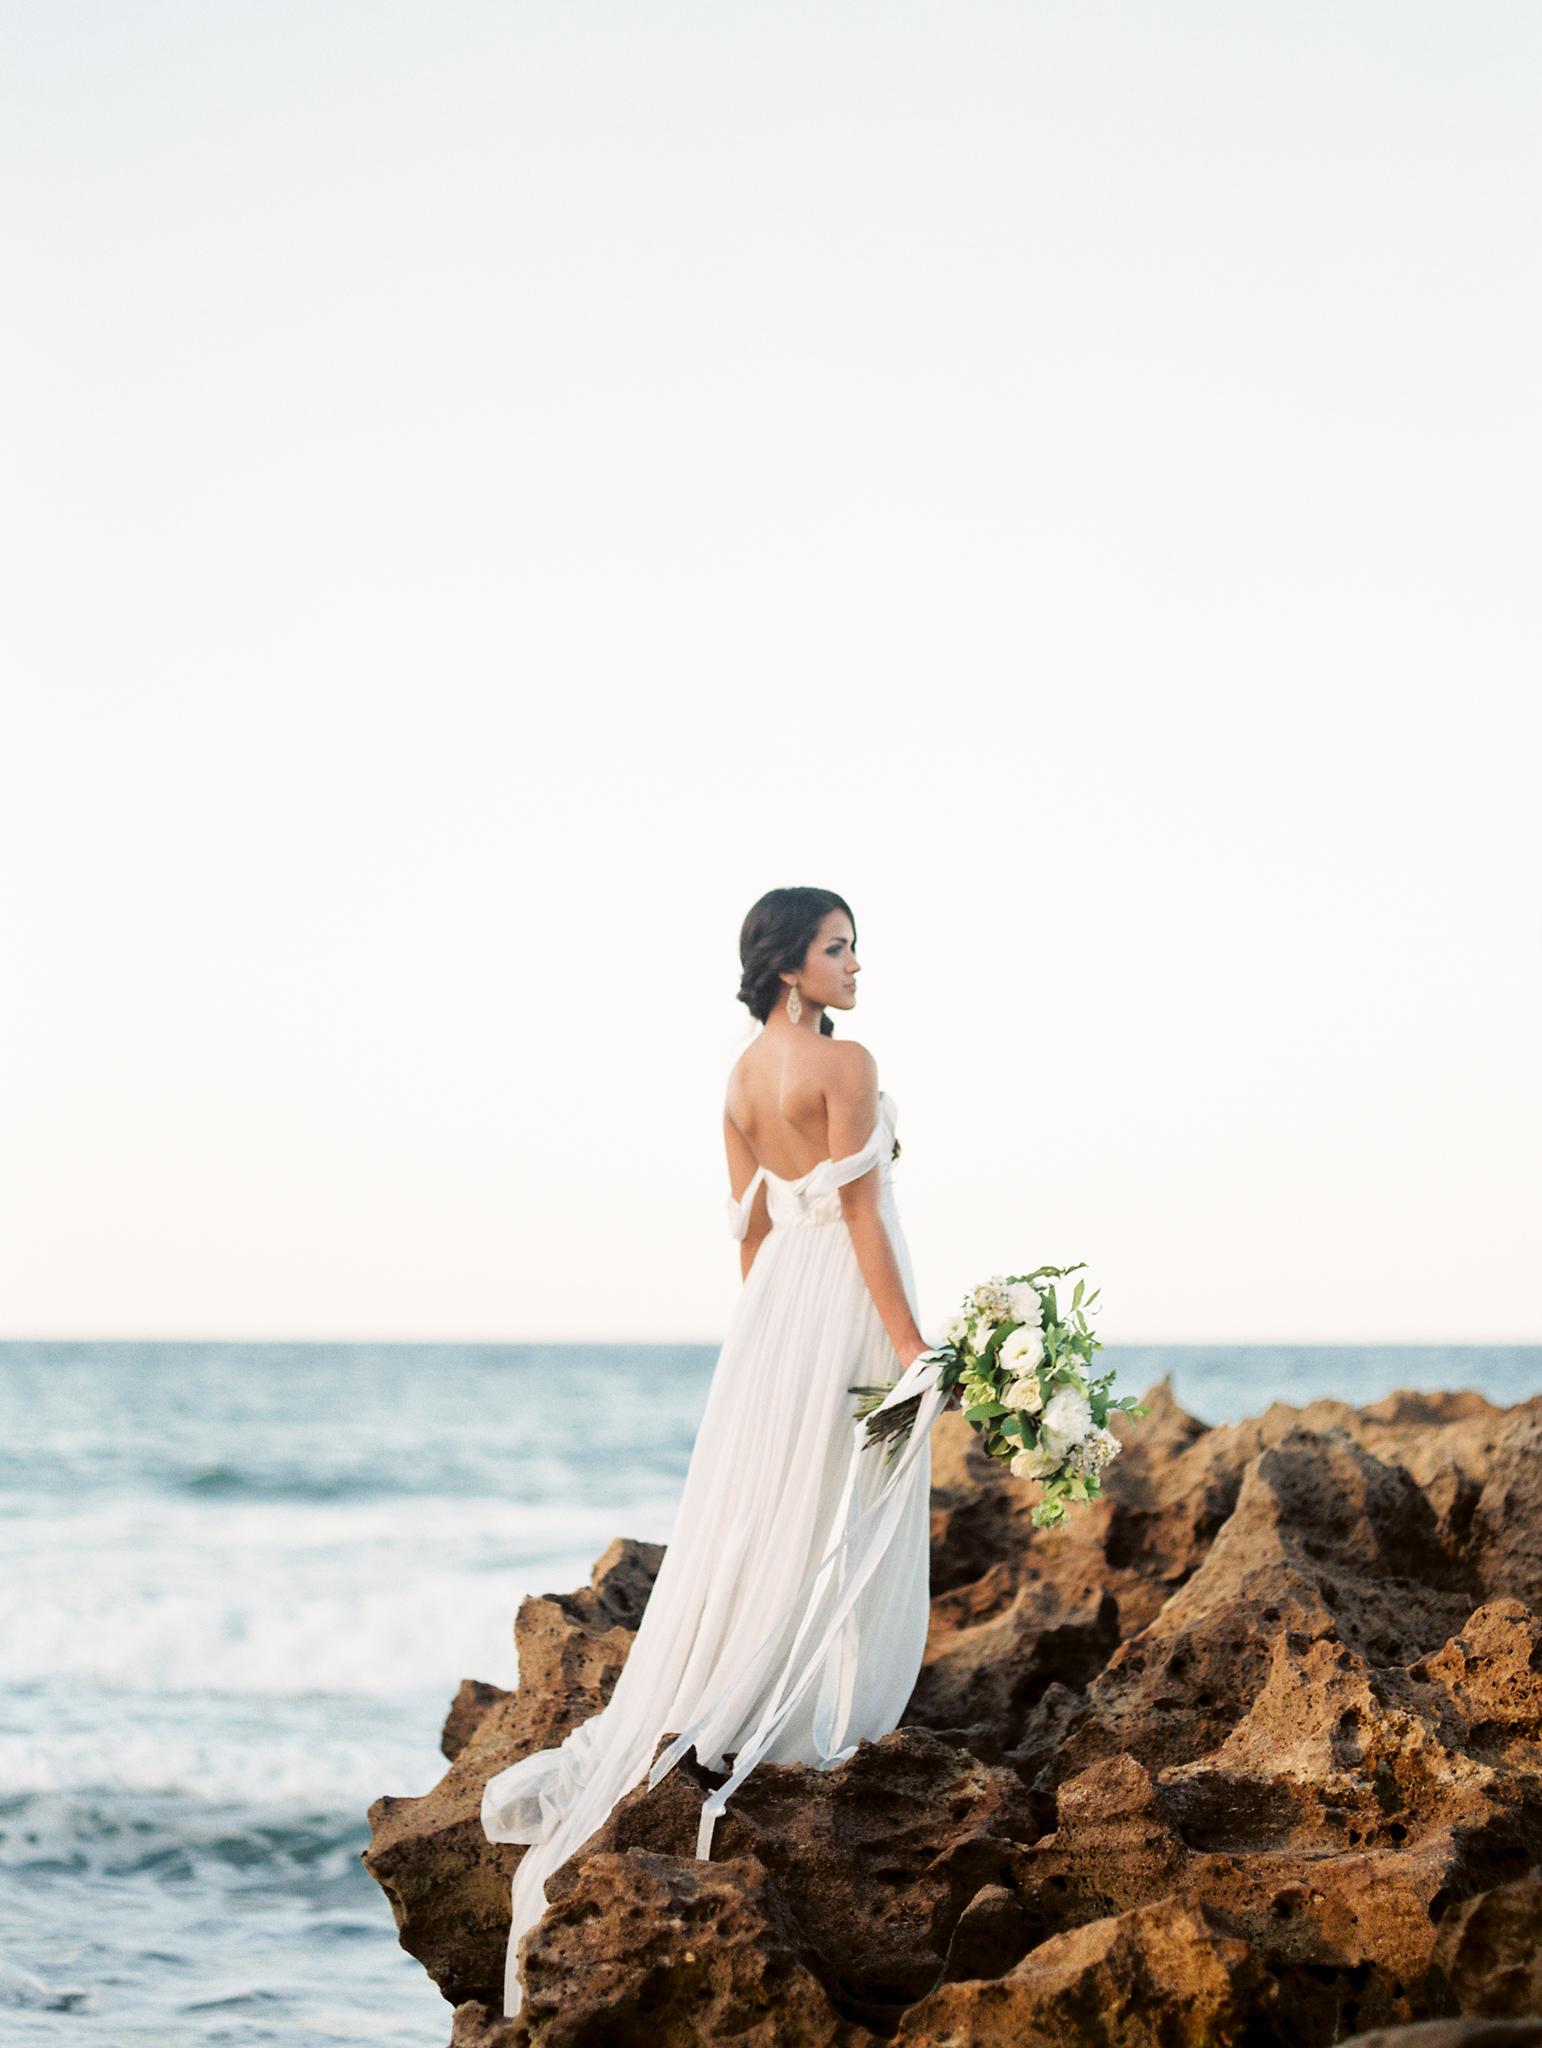 coral cove, jupiter beach FL, palm beach wedding photos, bridal portraits